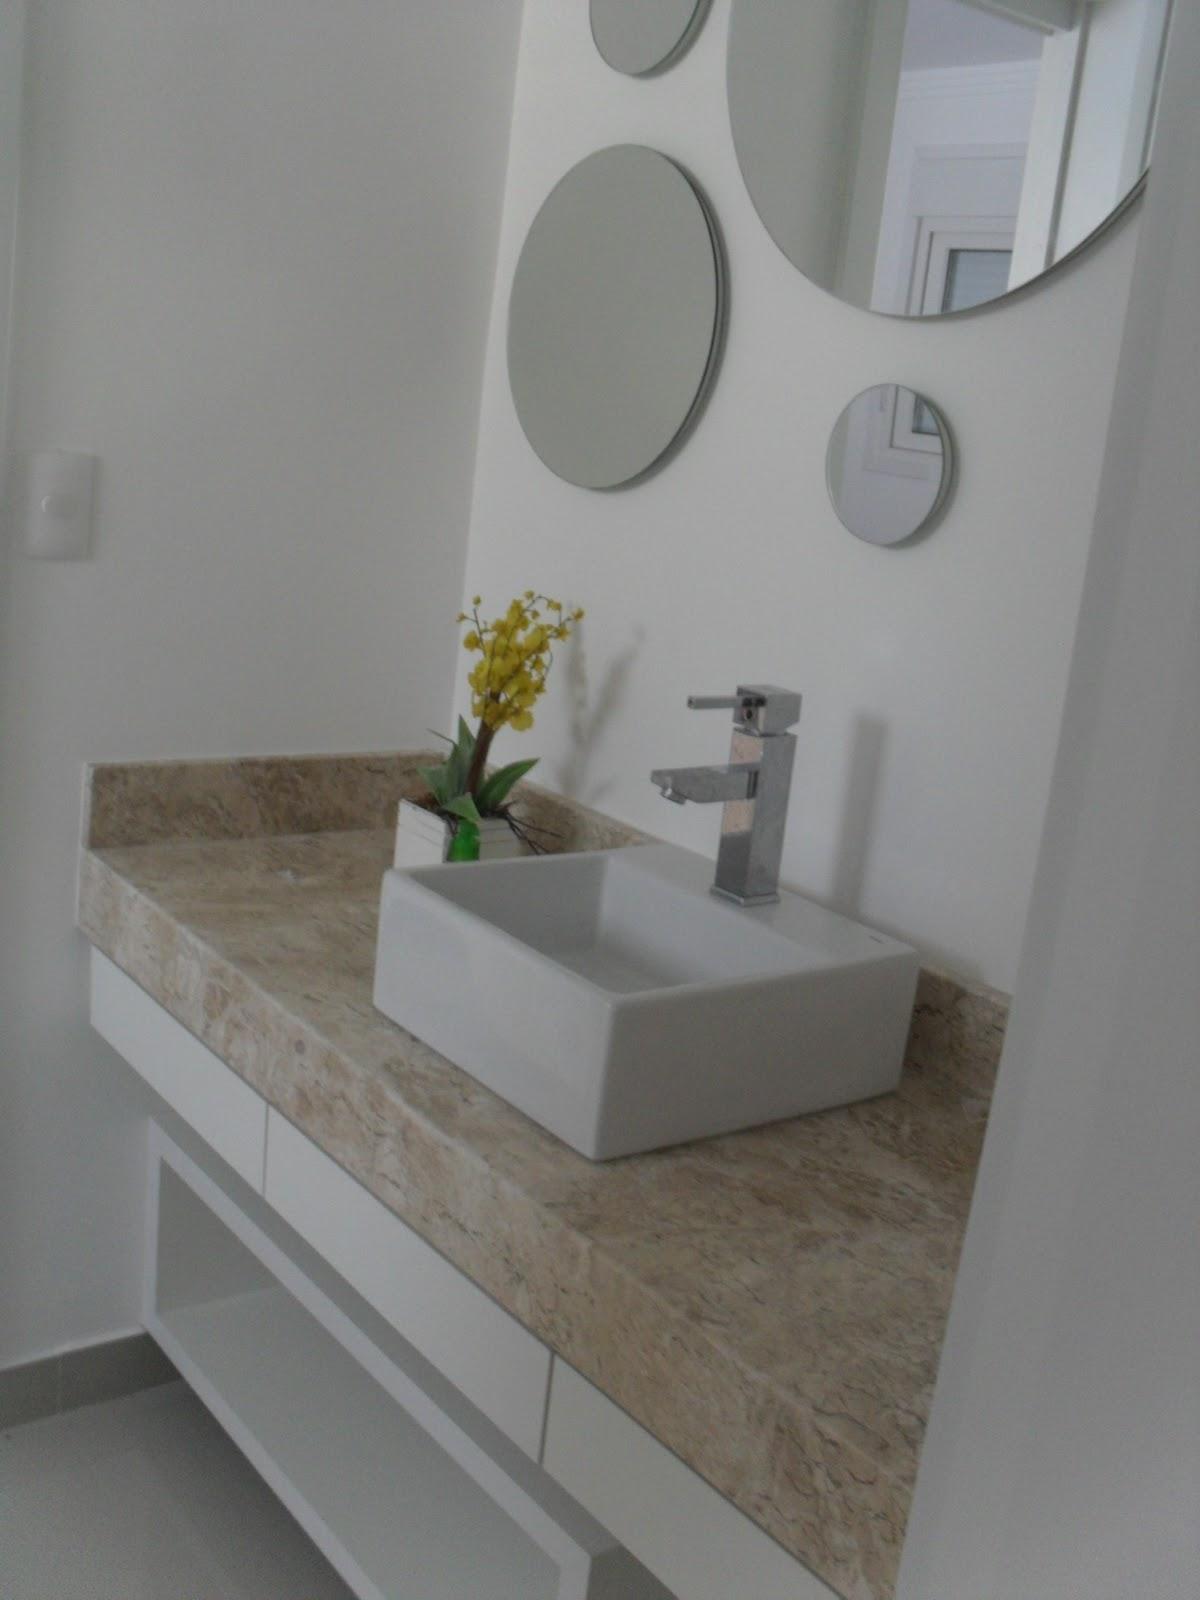 feito por arquiteto: projeto de móveis para banheiro #595146 1200 1600